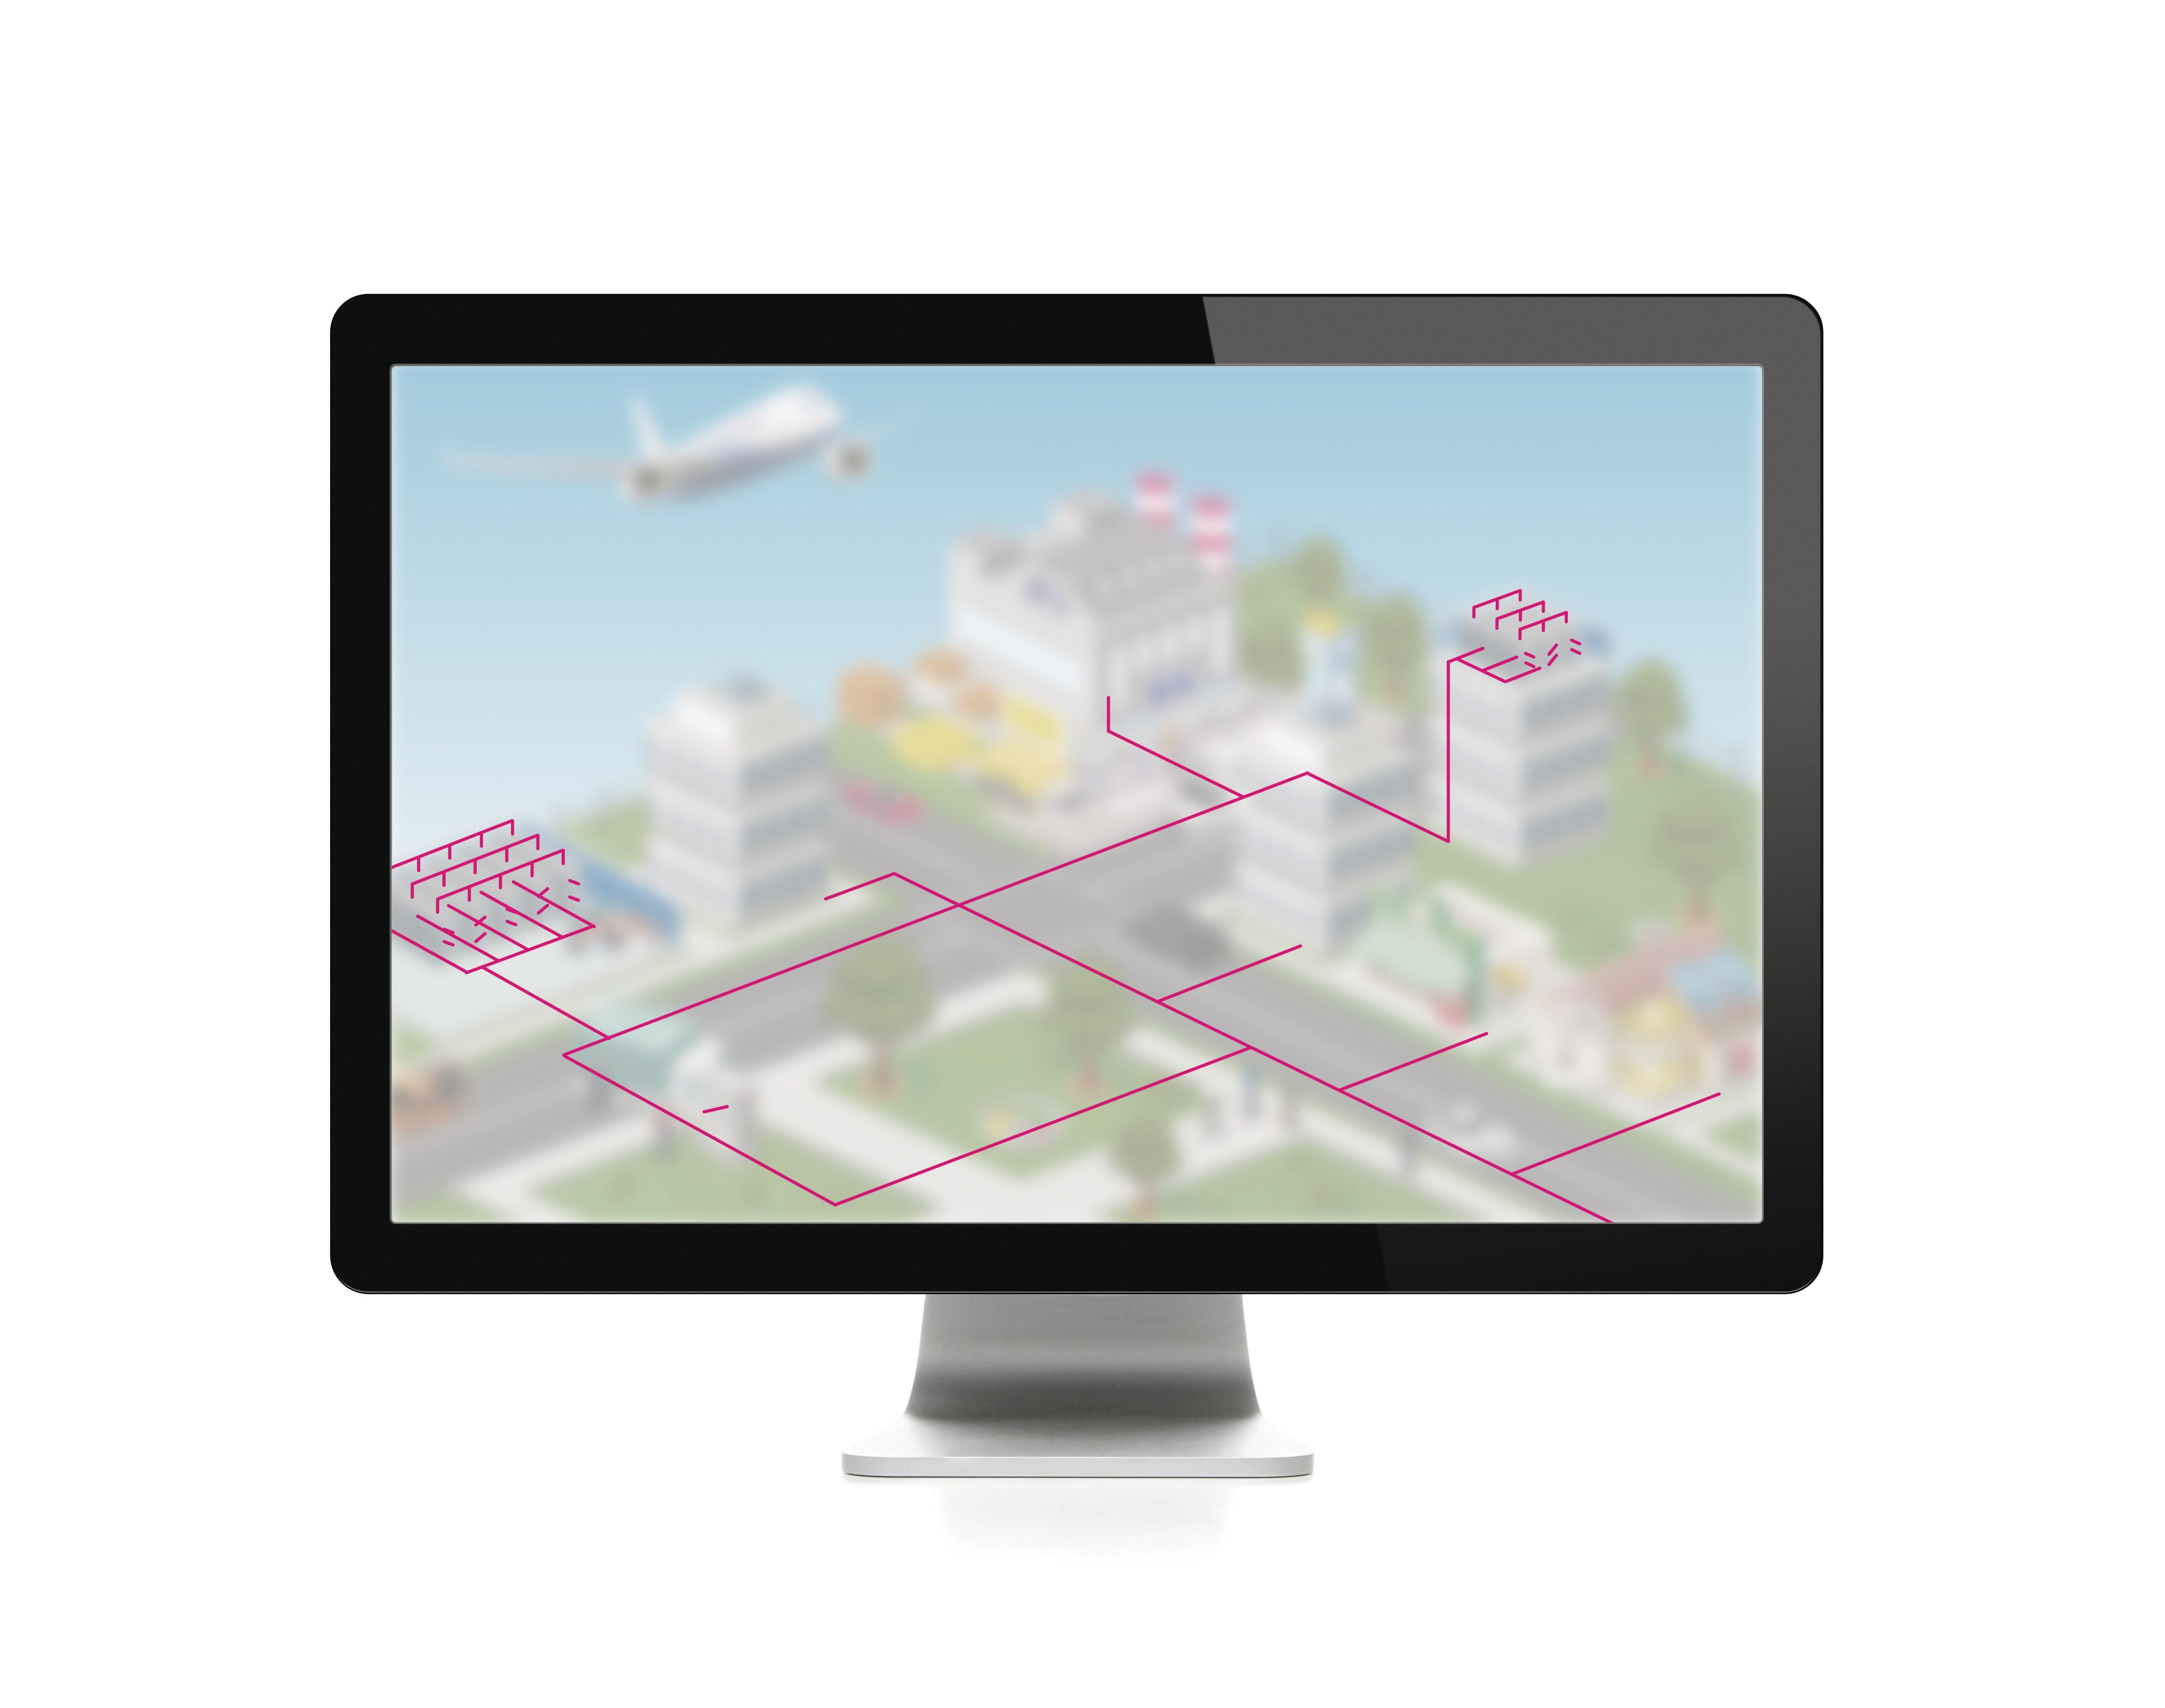 Digitales Abbild des Netzwerks un der Netzwerkinfrastruktur, welches sich auf die Darstellung der Connectivity beschränkt.